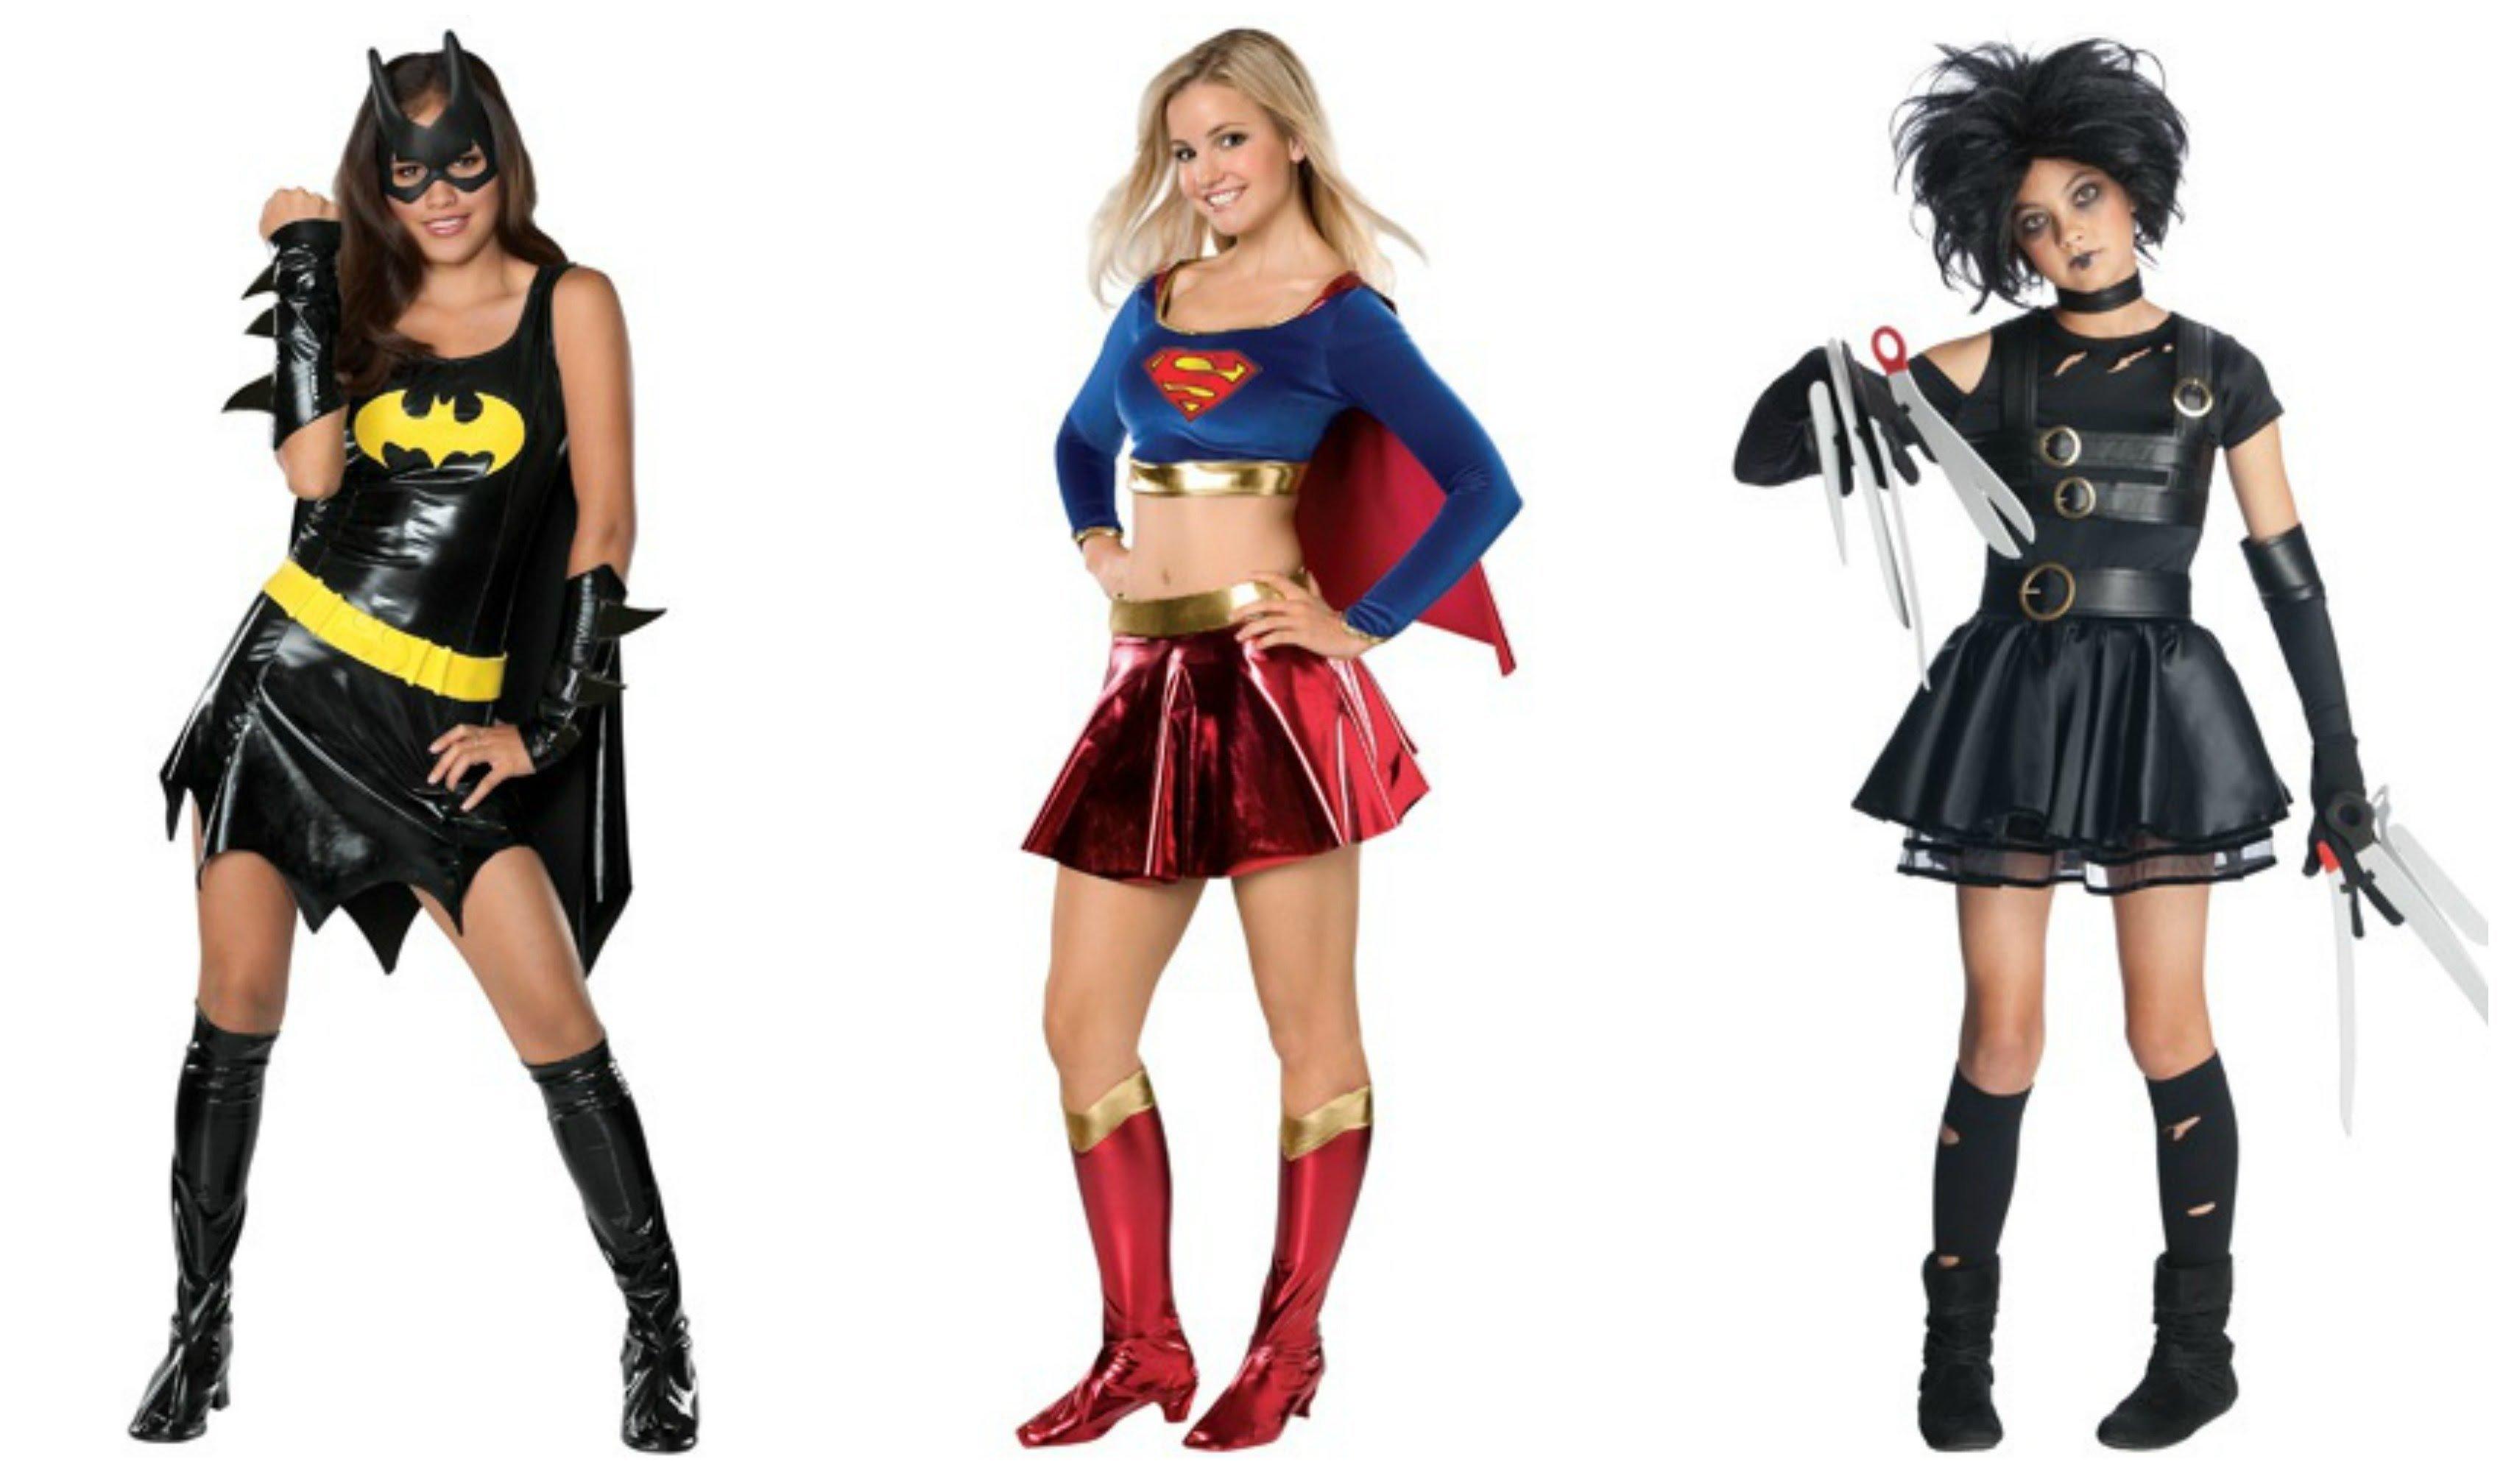 10 Pretty Unique Female Halloween Costume Ideas halloween costume ideas for teens girls youtube halloween costumes 25 2020